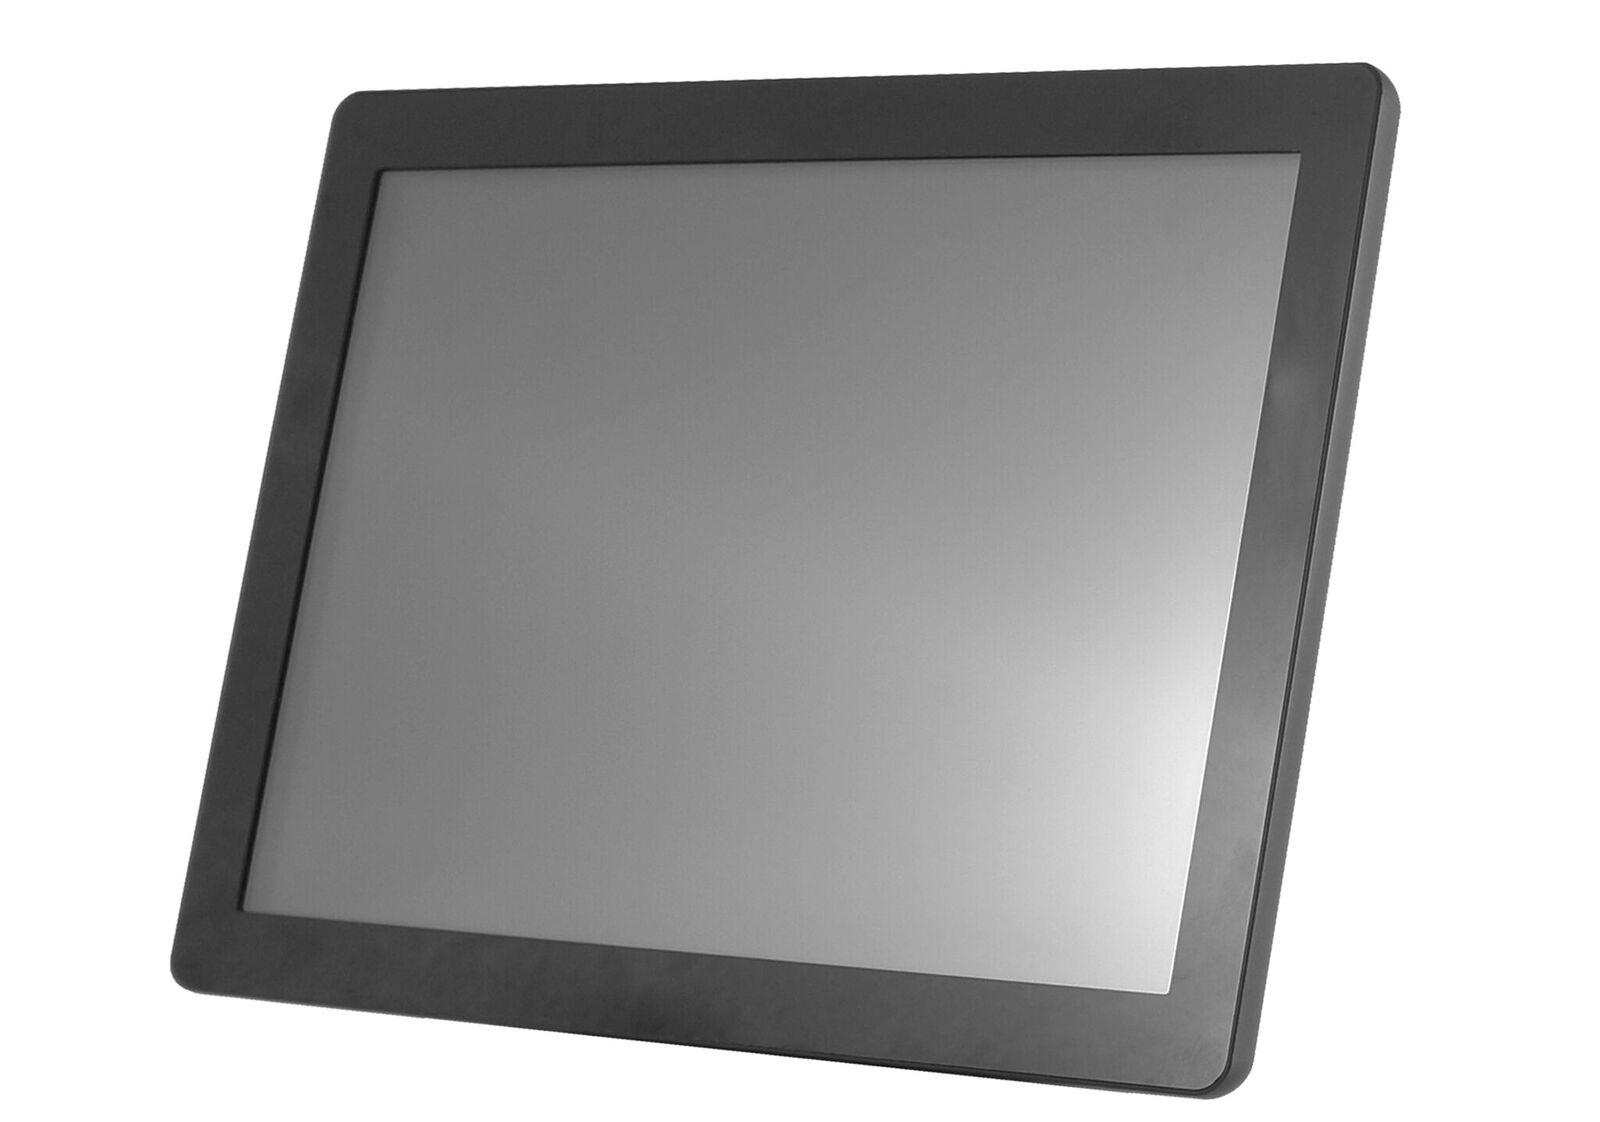 8'' Glass display - 800x600, 250nt, CAP, USB